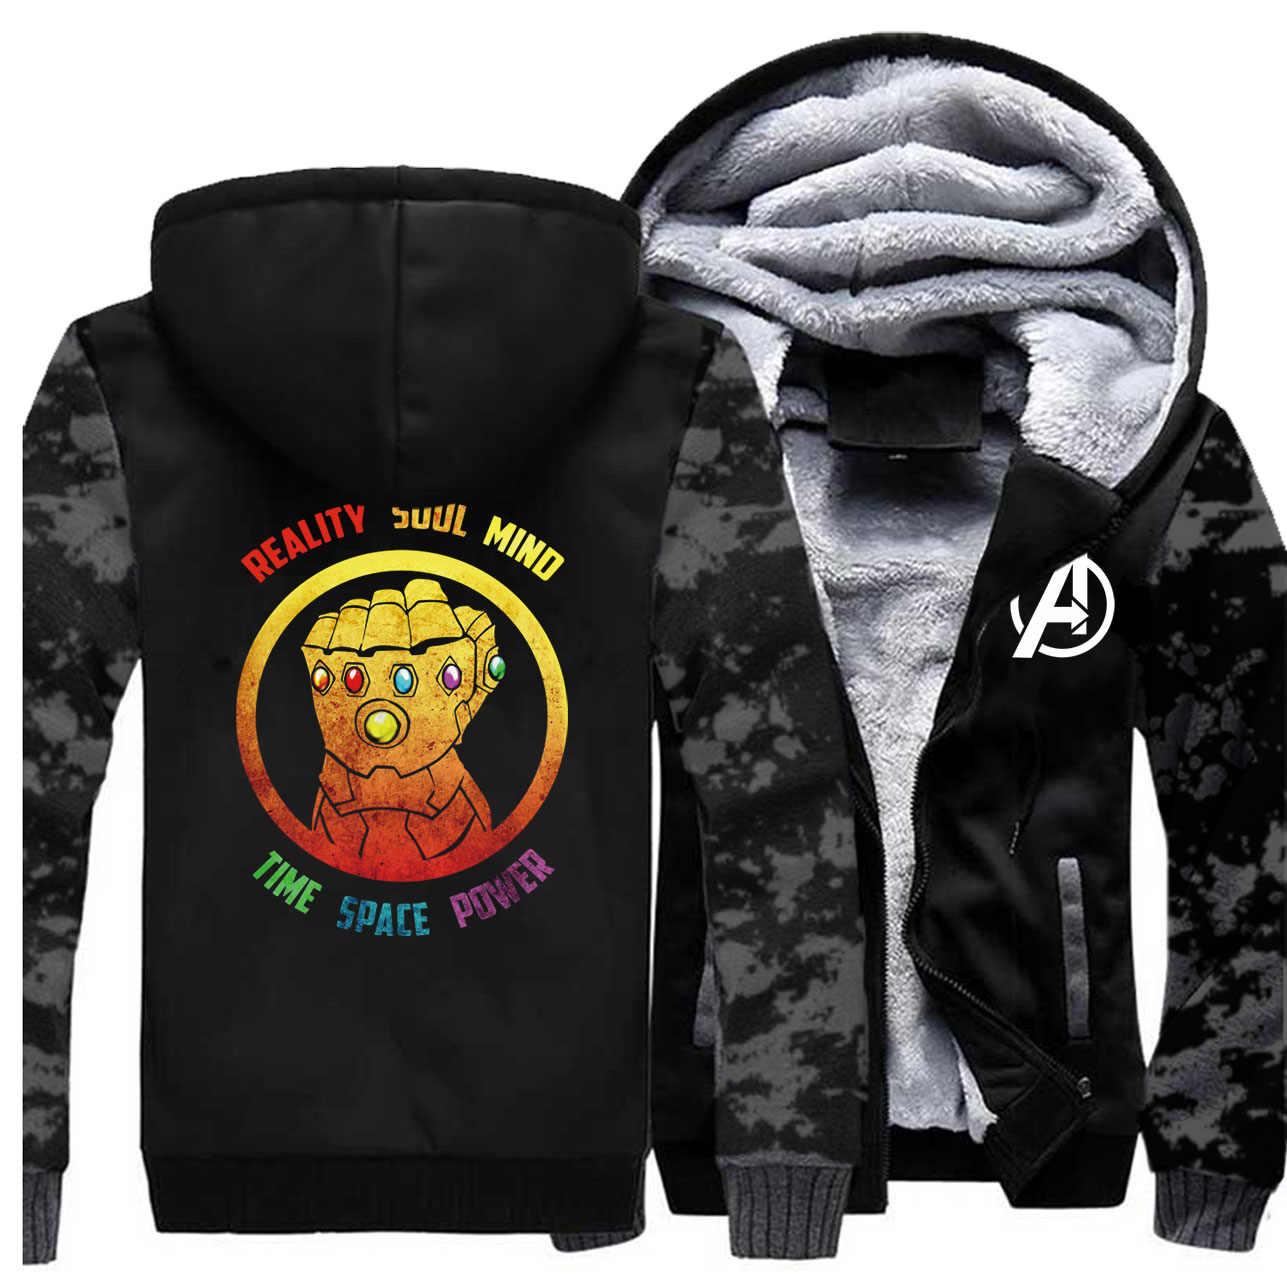 Avengers inverno masculino grosso casaco de lã quente camo thanos infinity gauntlet moletom com capuz jaquetas raglan engrossar roupas esportivas